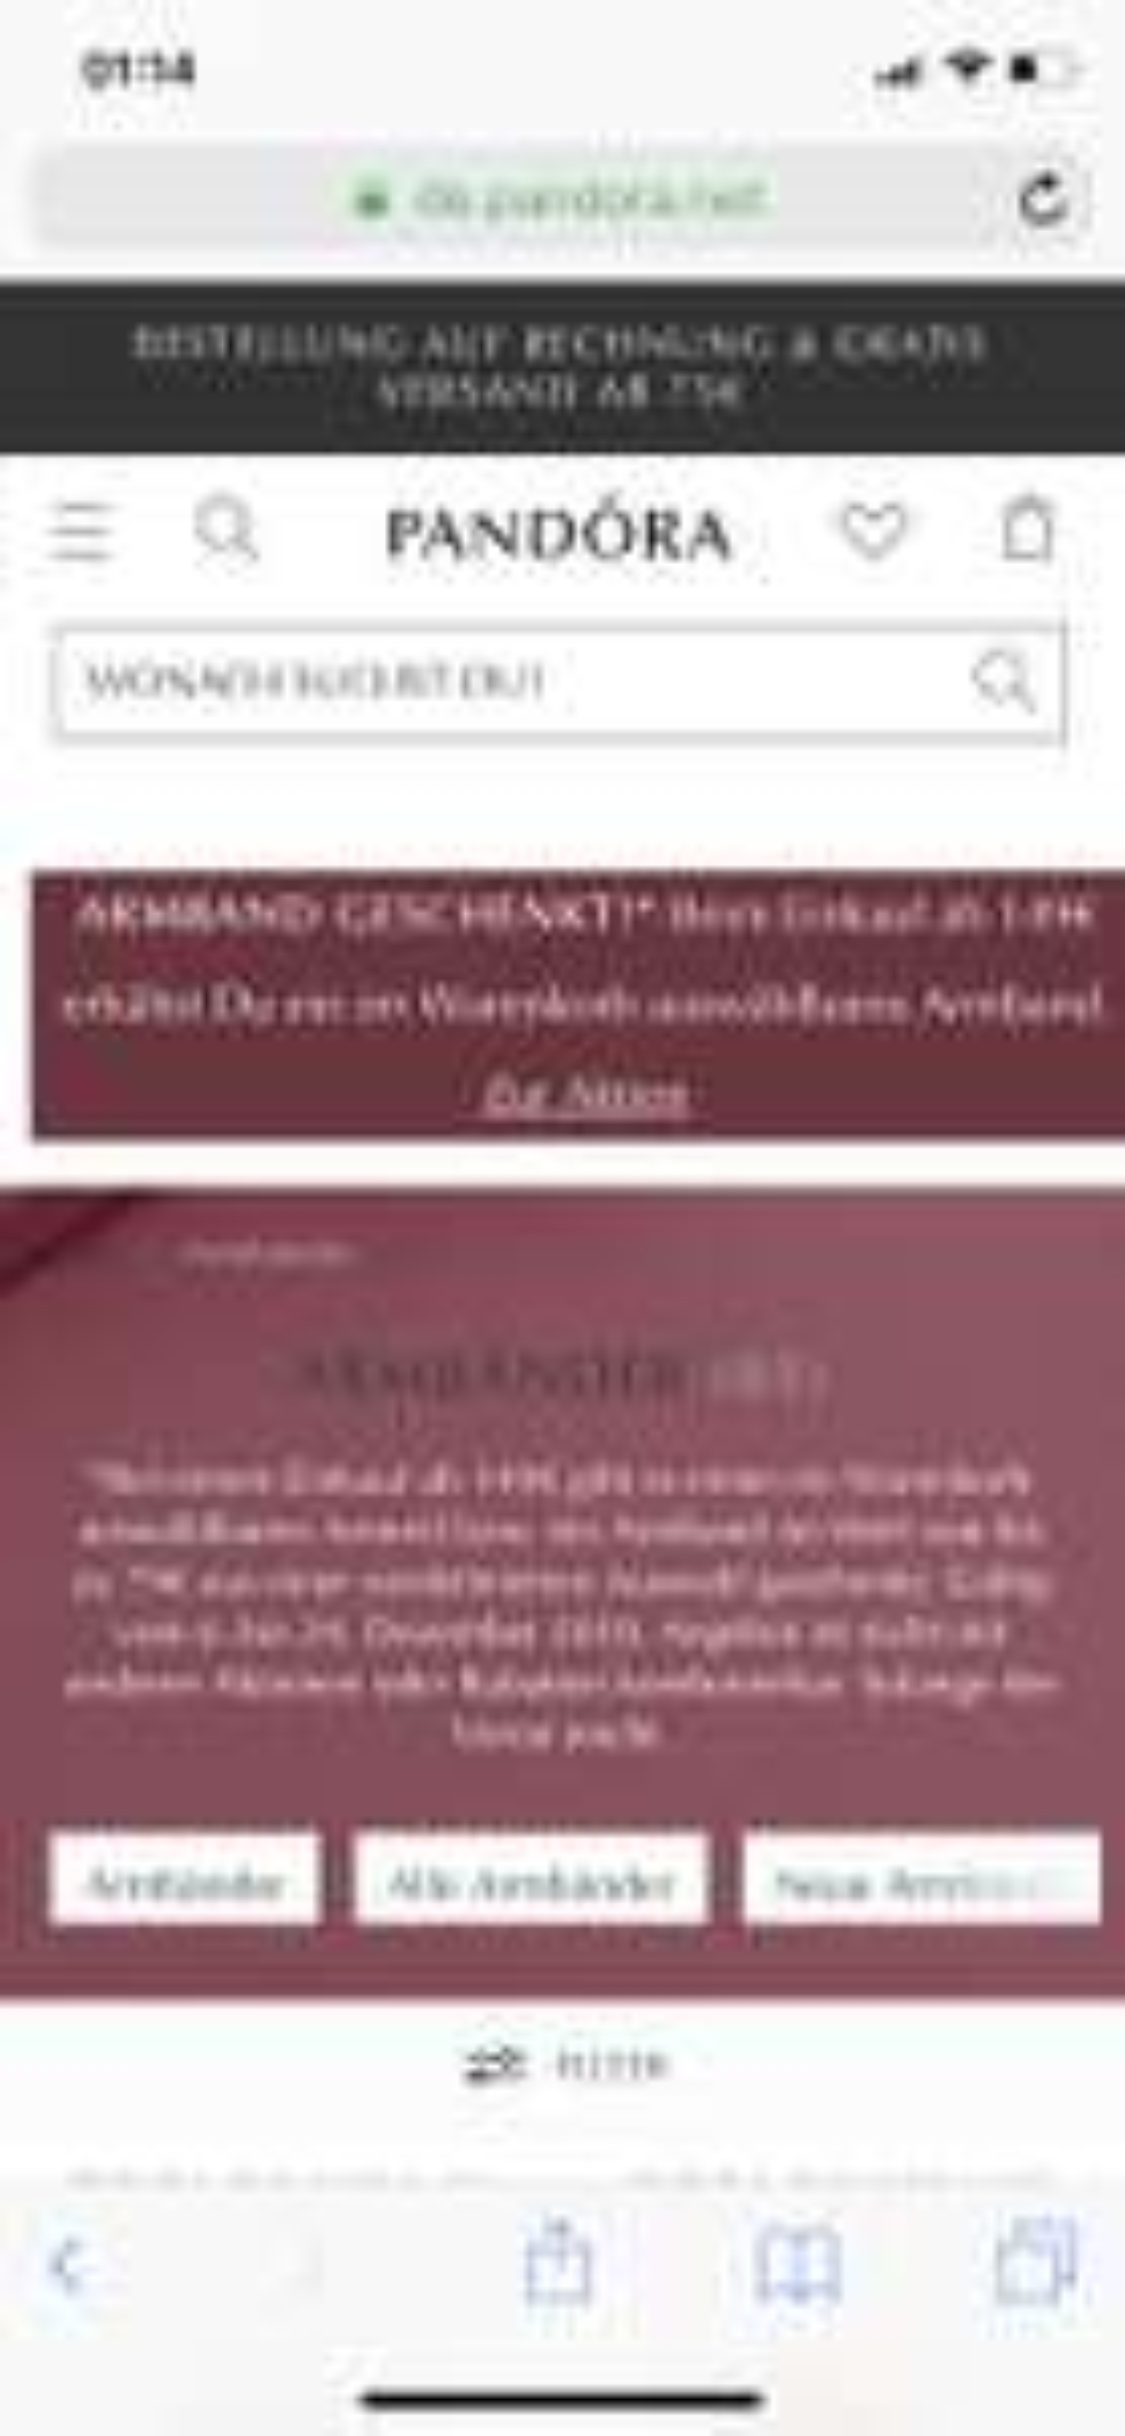 Pandora Armband im Wert von 79€ kostenlos bei MBW 149 €